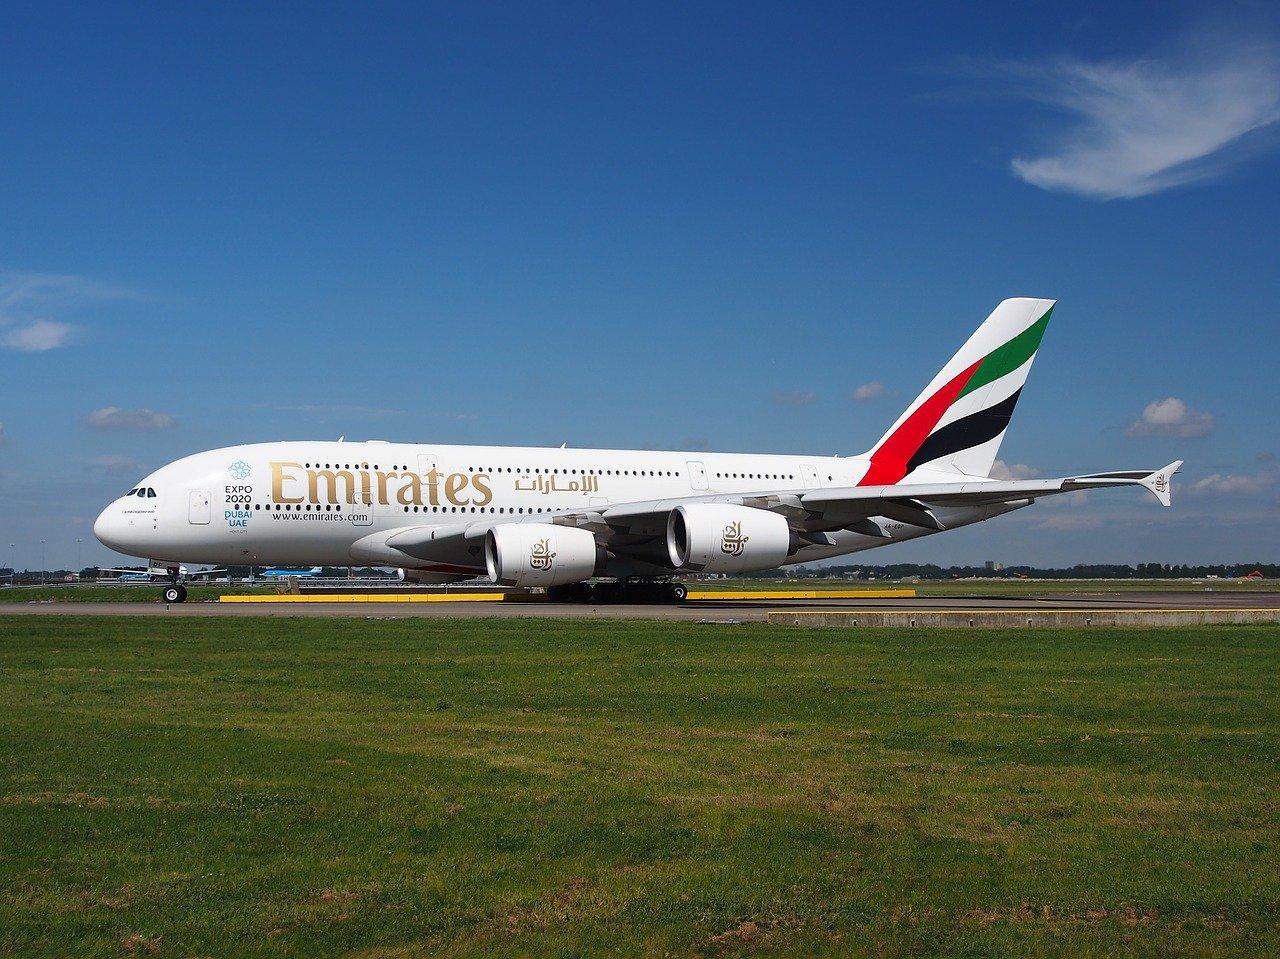 Lege stoelen nieuw verdienmodel voor Emirates